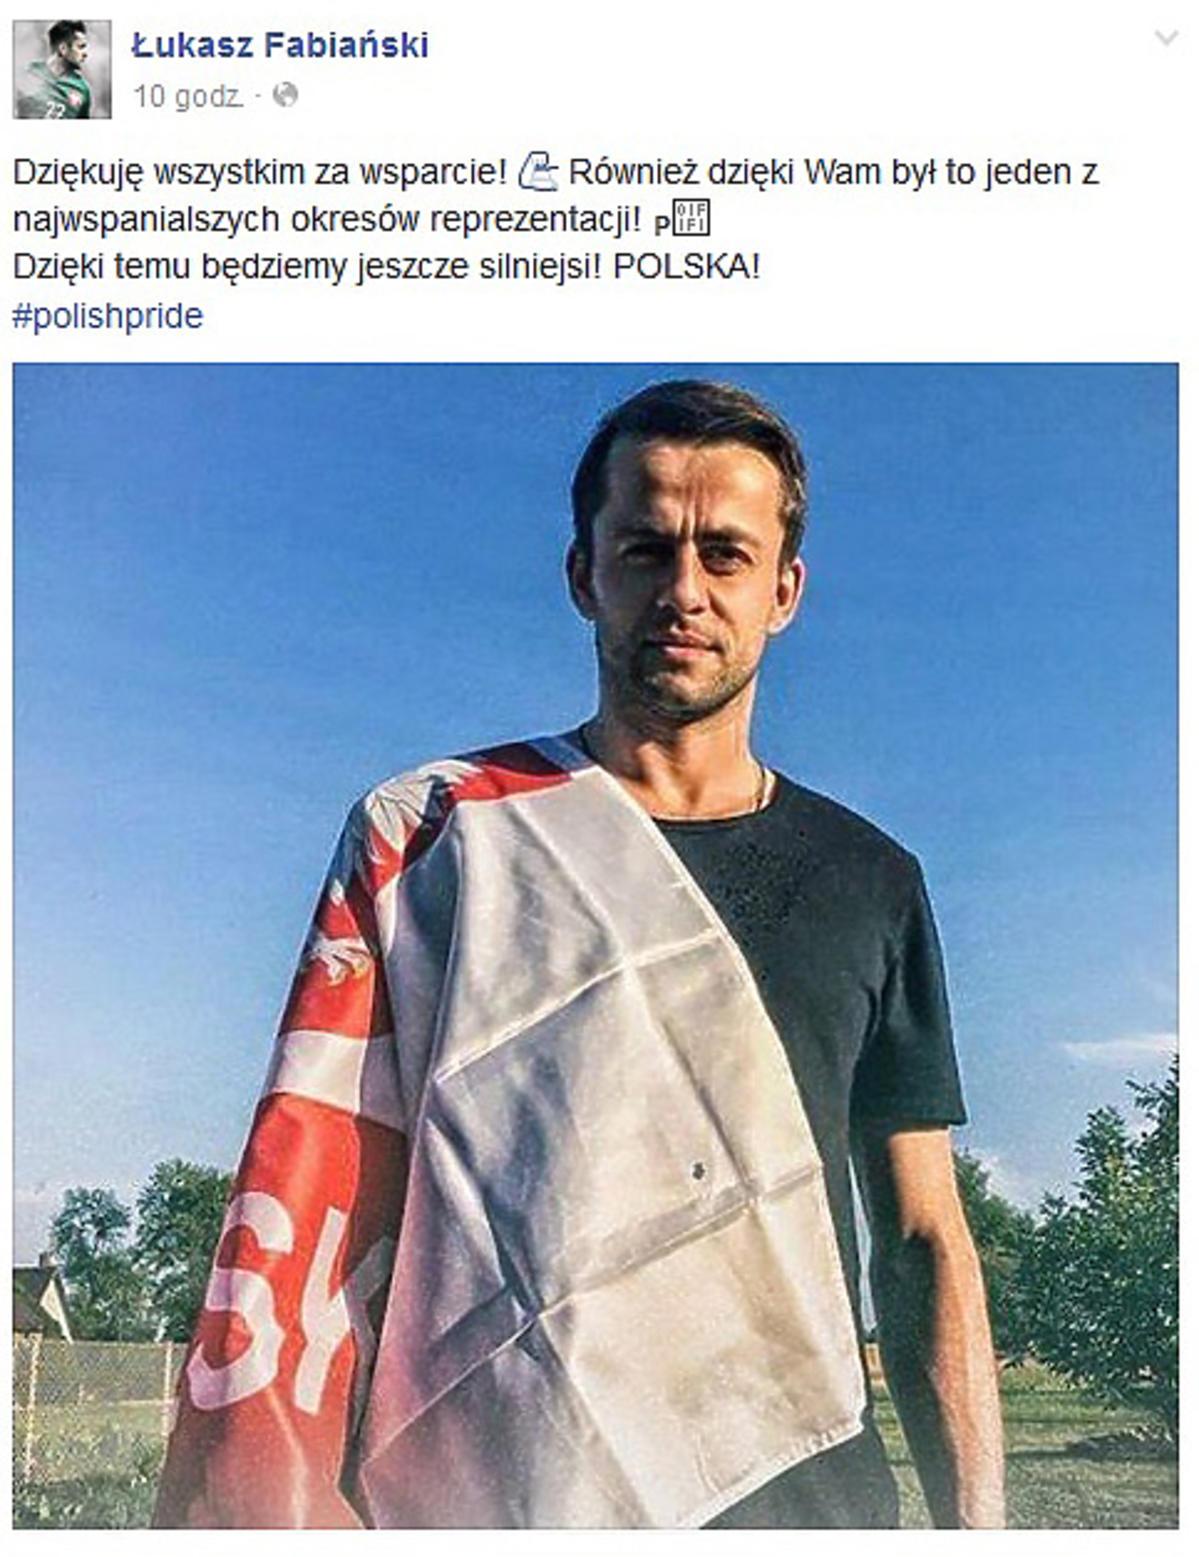 Łukasz Fabiański podziękował swoim fanom za wsparcie